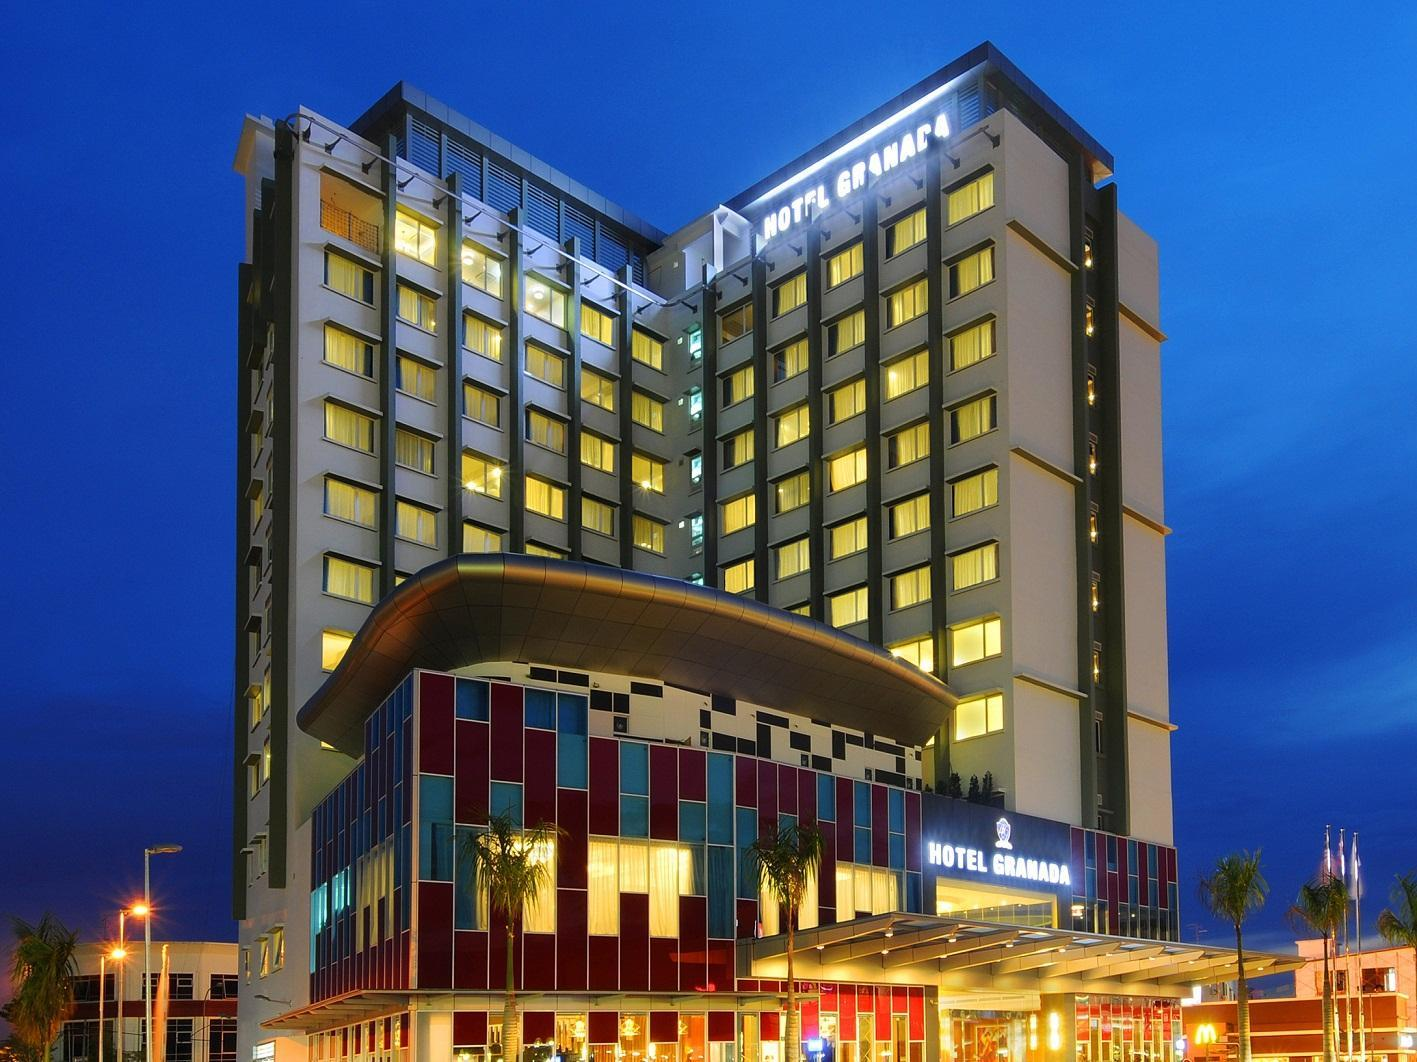 Hotel Granada Johor Bahru